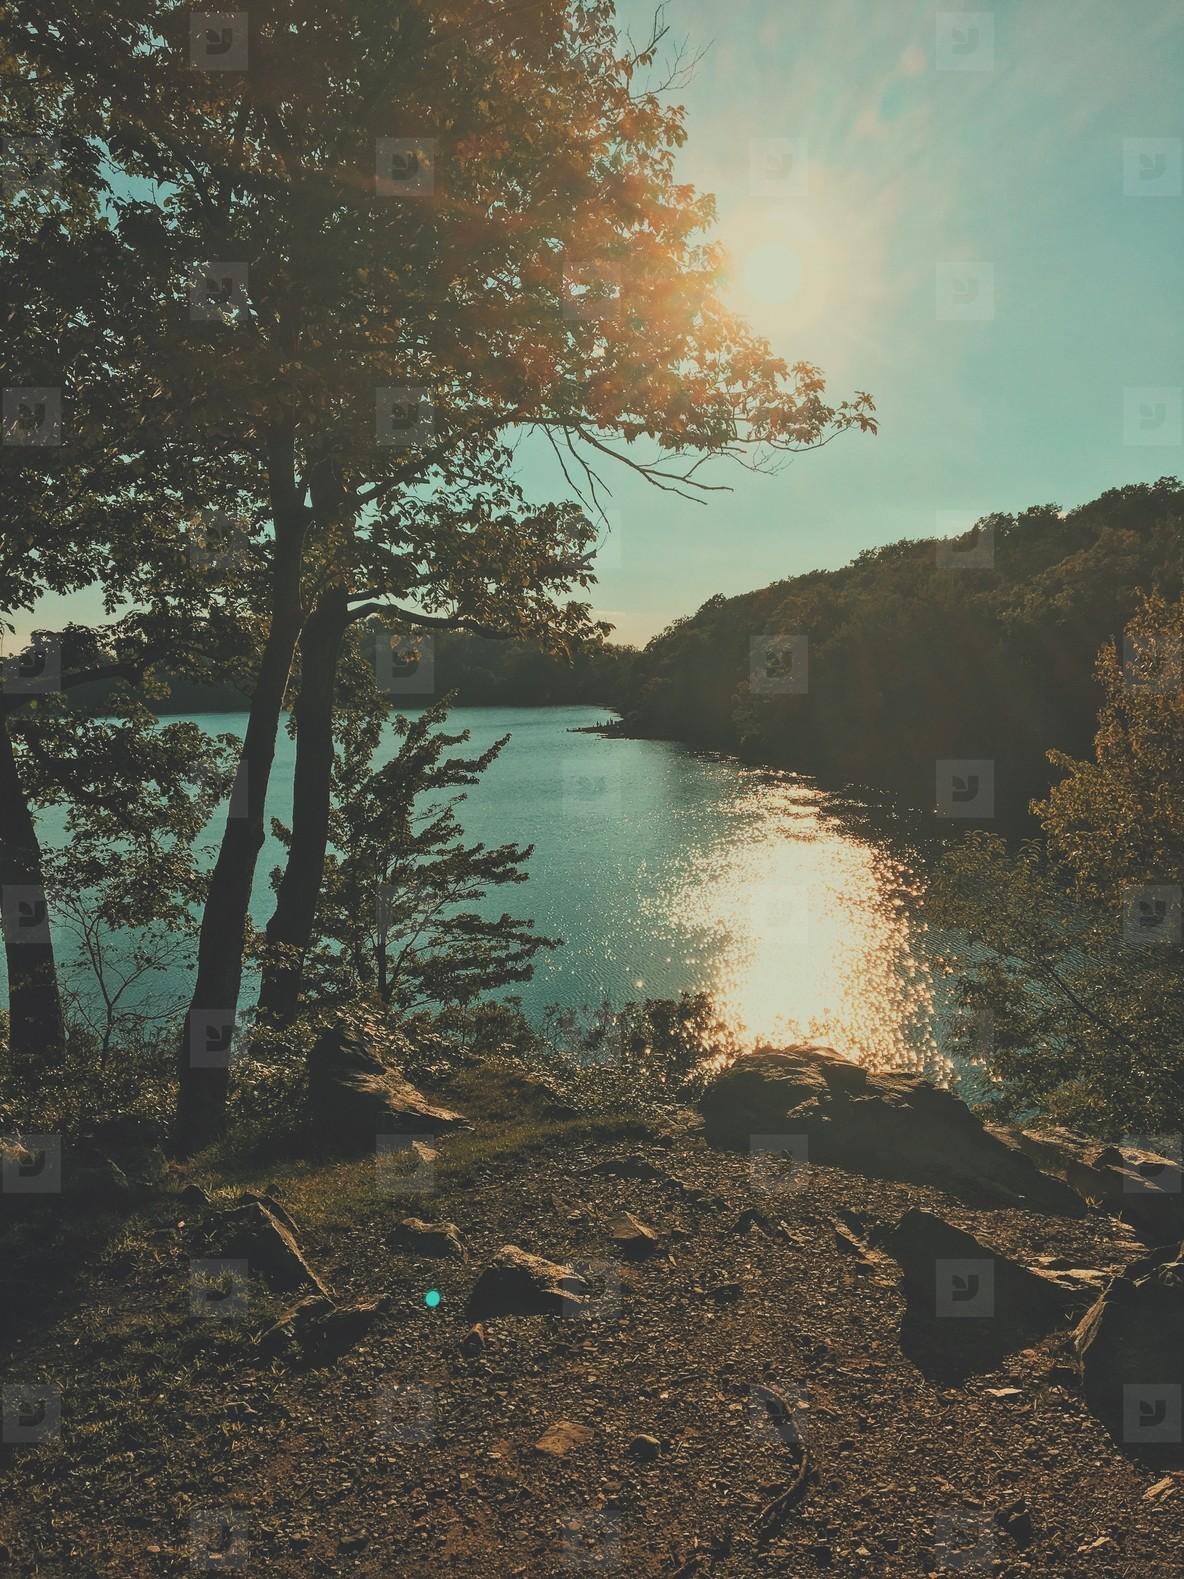 Summer sunset lake